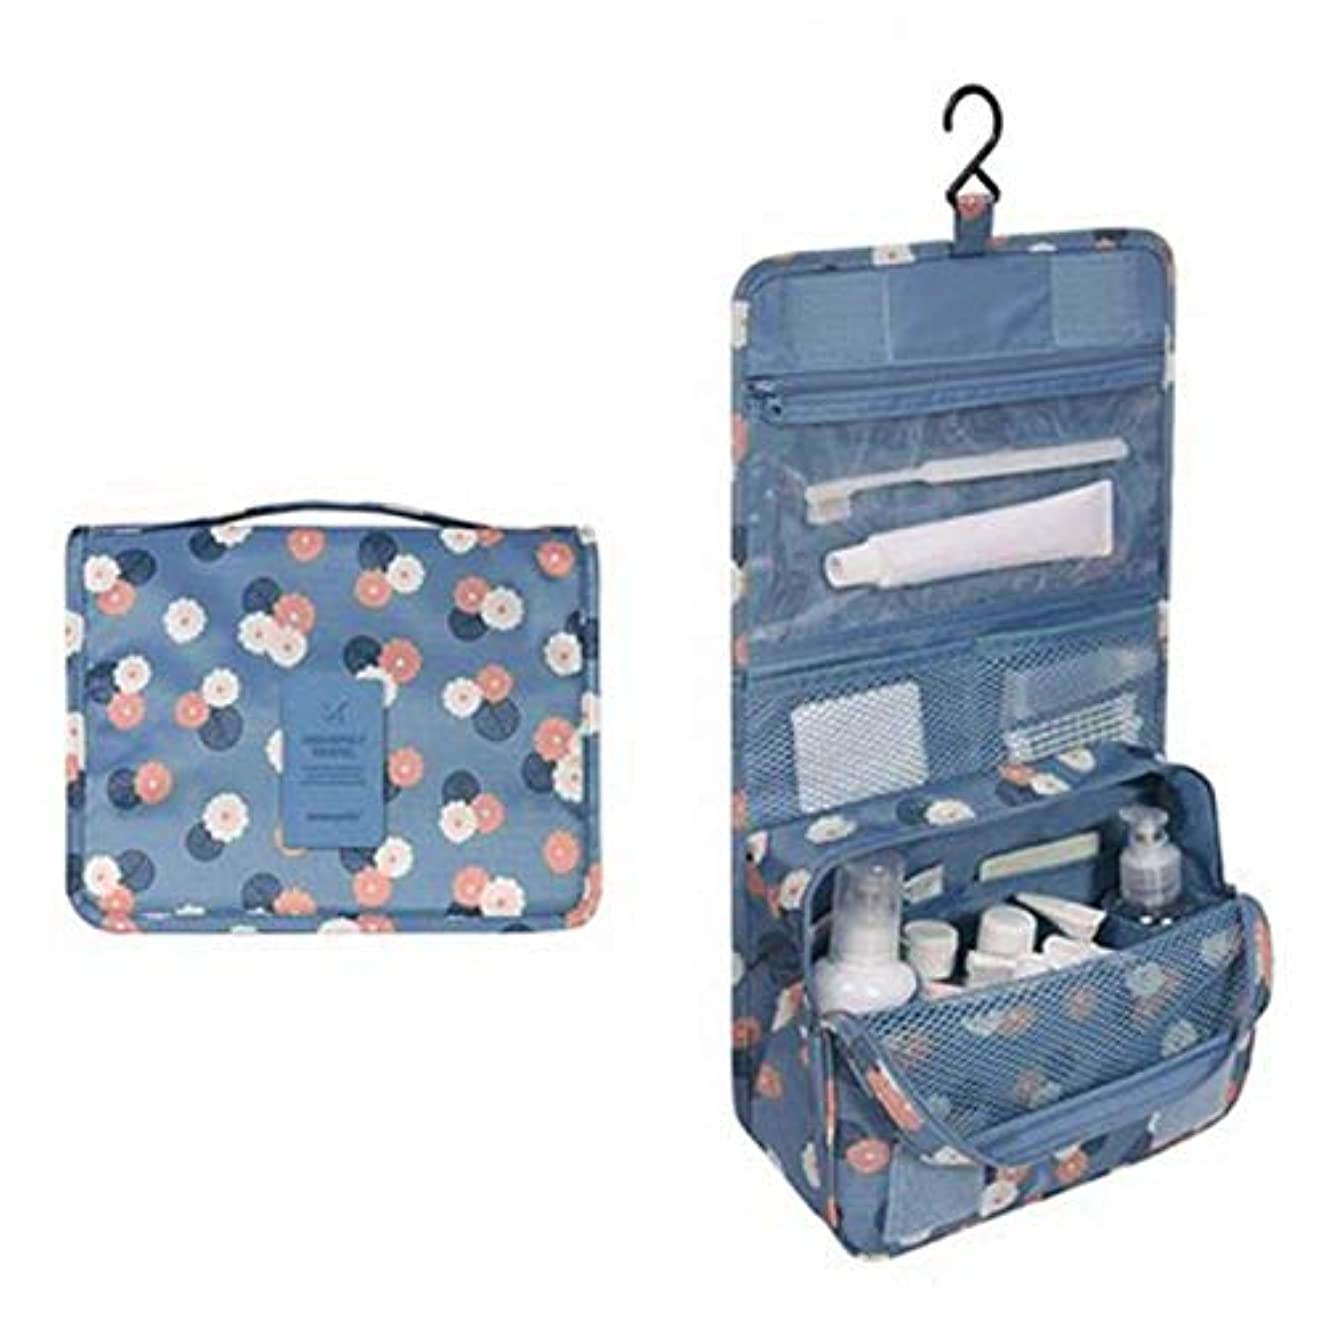 調整する一月のみWadachikis 例外的な女性ジッパーハンギング防水旅行トイレタリーの洗浄化粧品オーガナイザーバッグバッグ(None Picture Color)